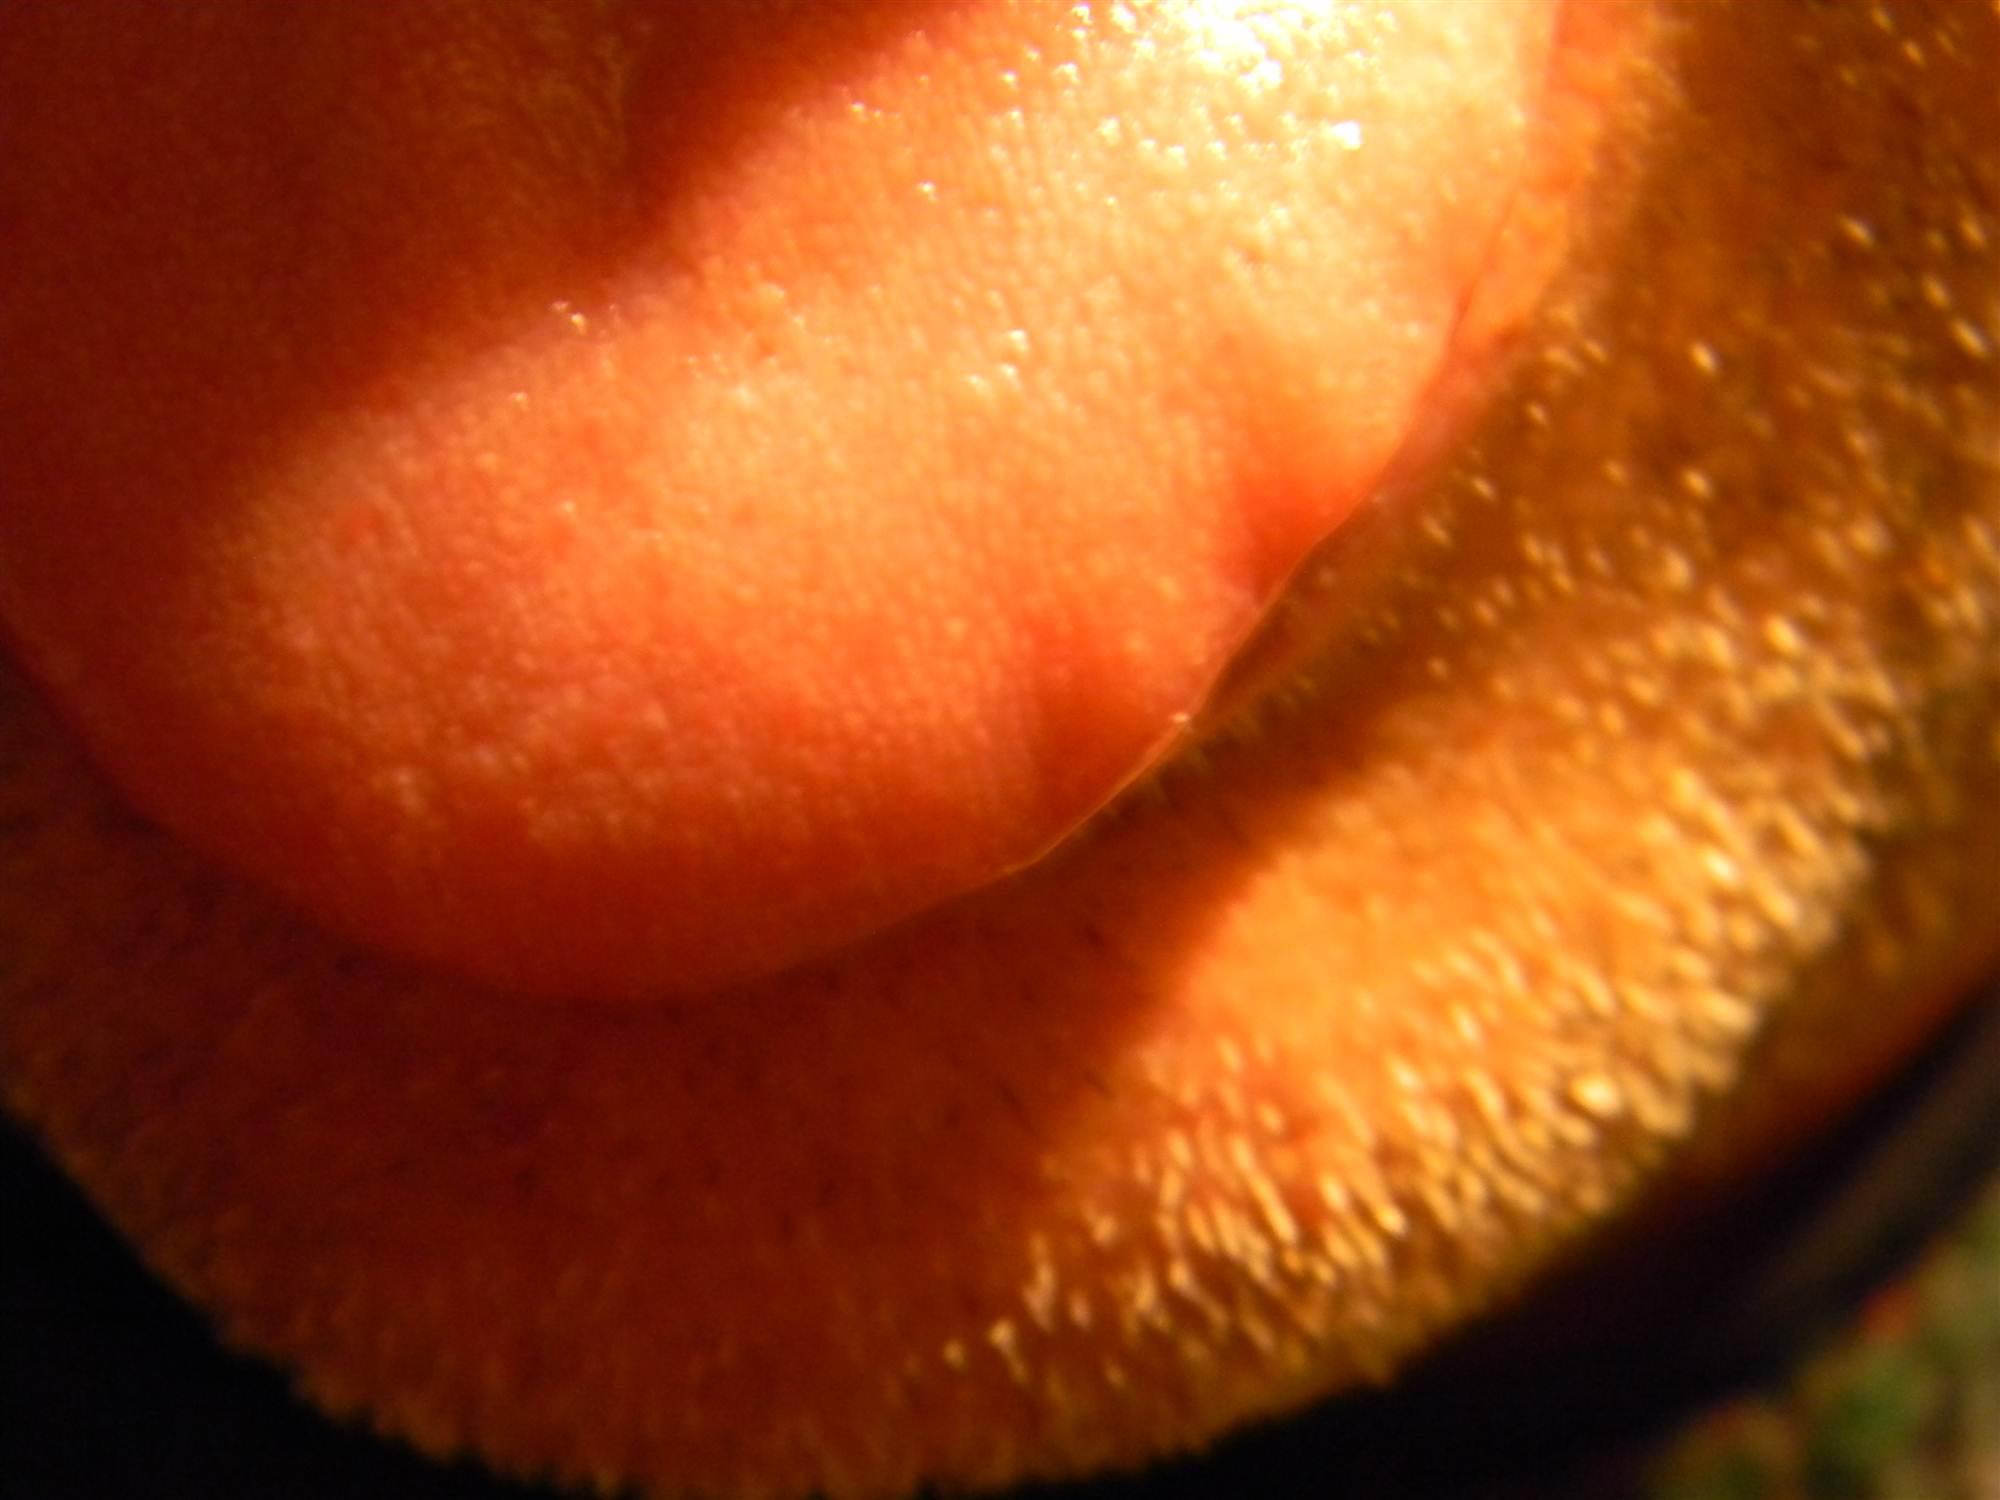 Da circa 6 mesi mi sono apparse tre bolle sul lato sinistro della lingua